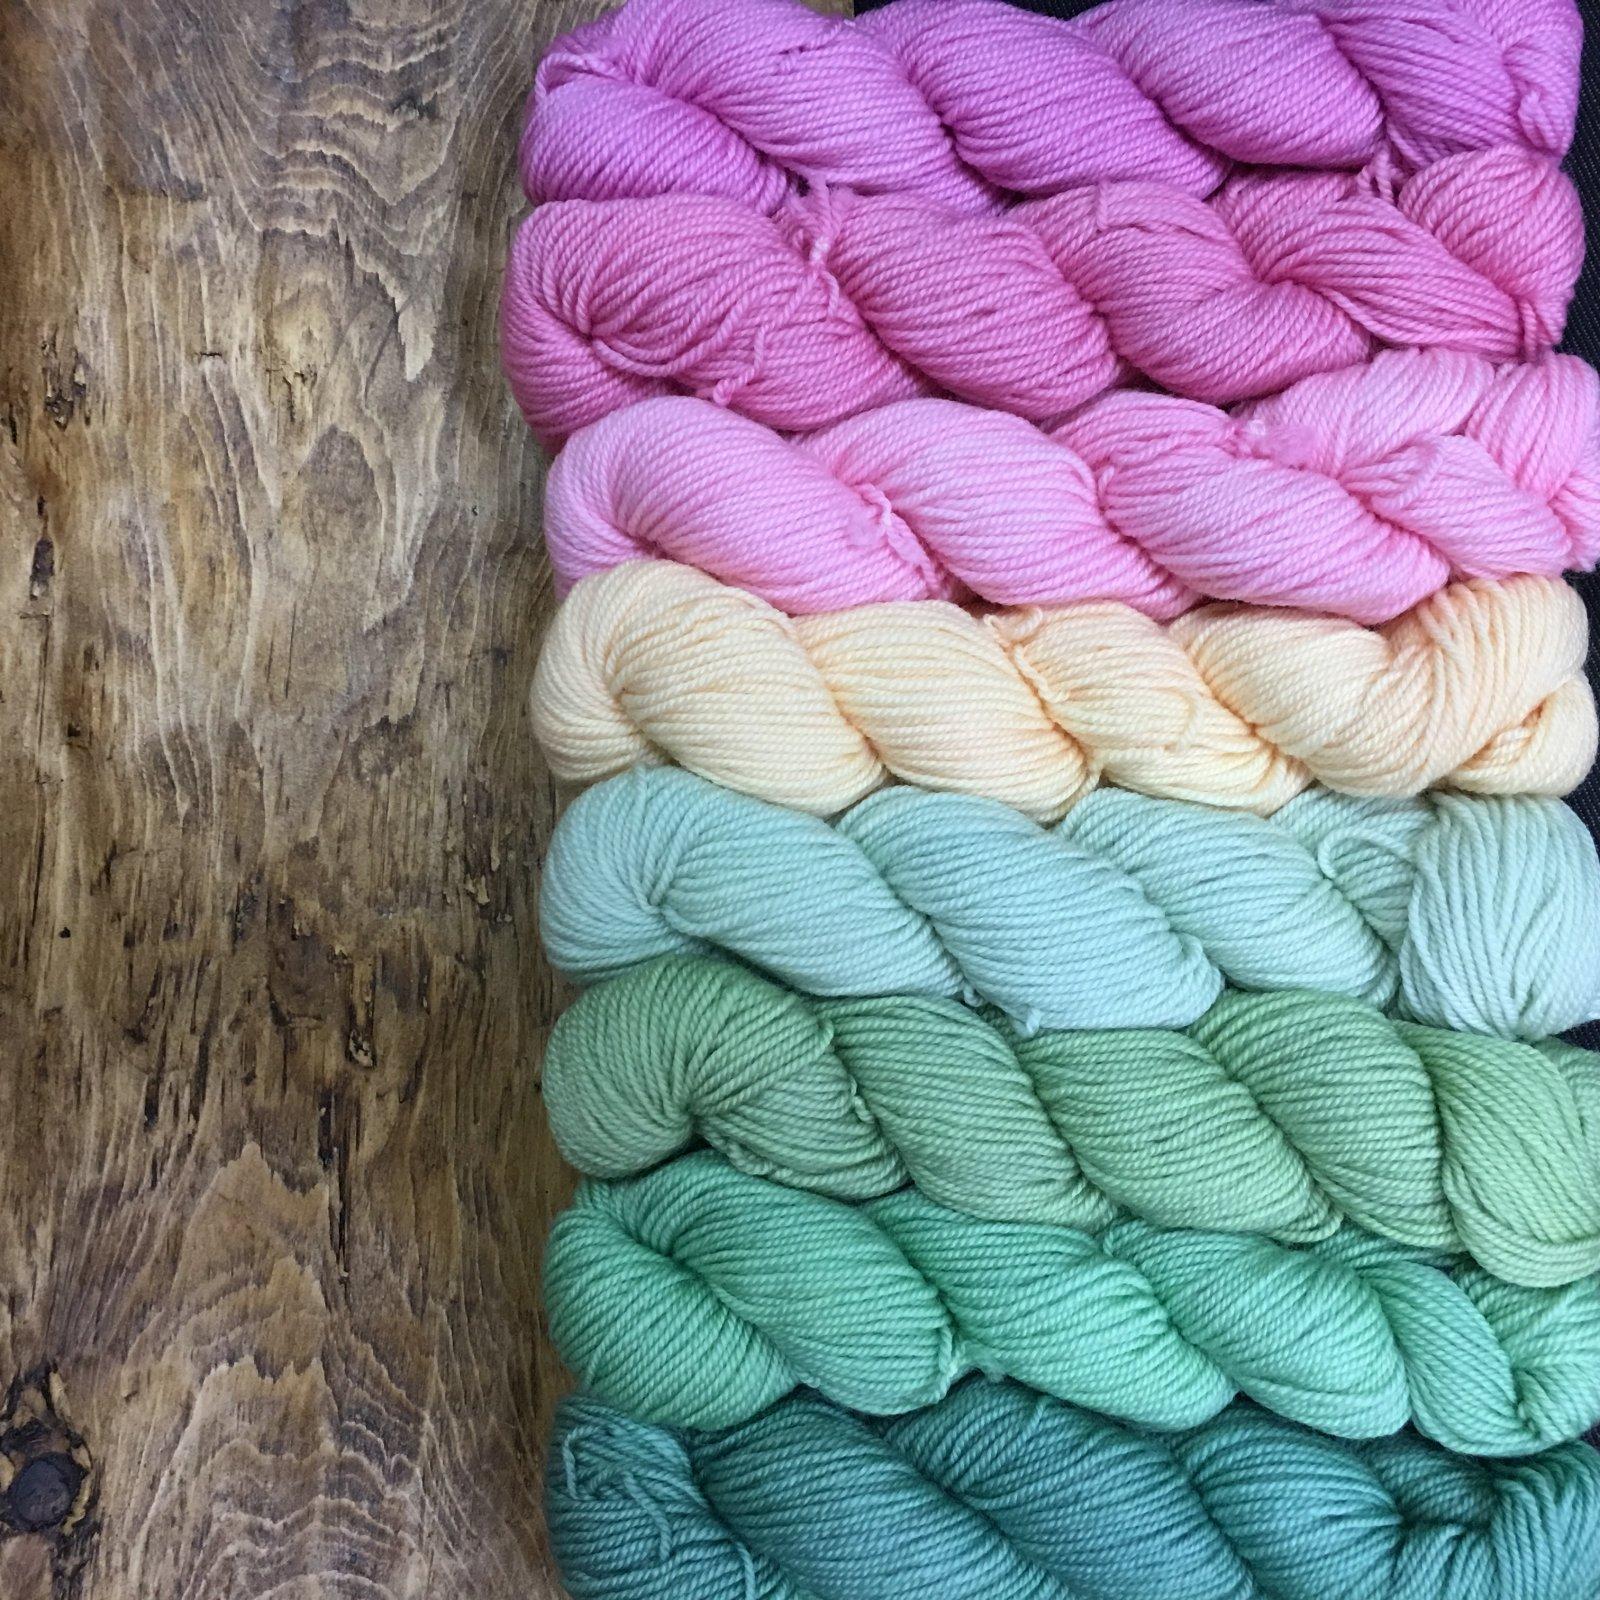 Frabjous Fibers 8 Packs of Color Mary Ann